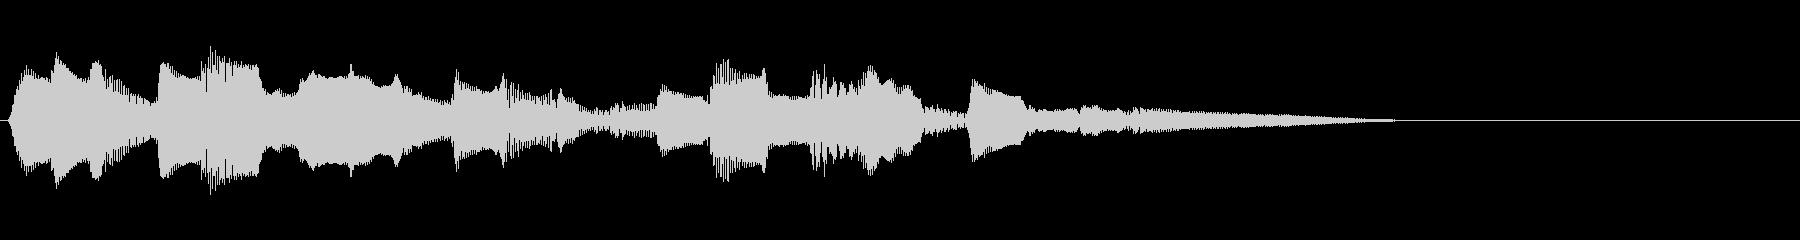 マンドリン:ロー・ファースト・トリ...の未再生の波形